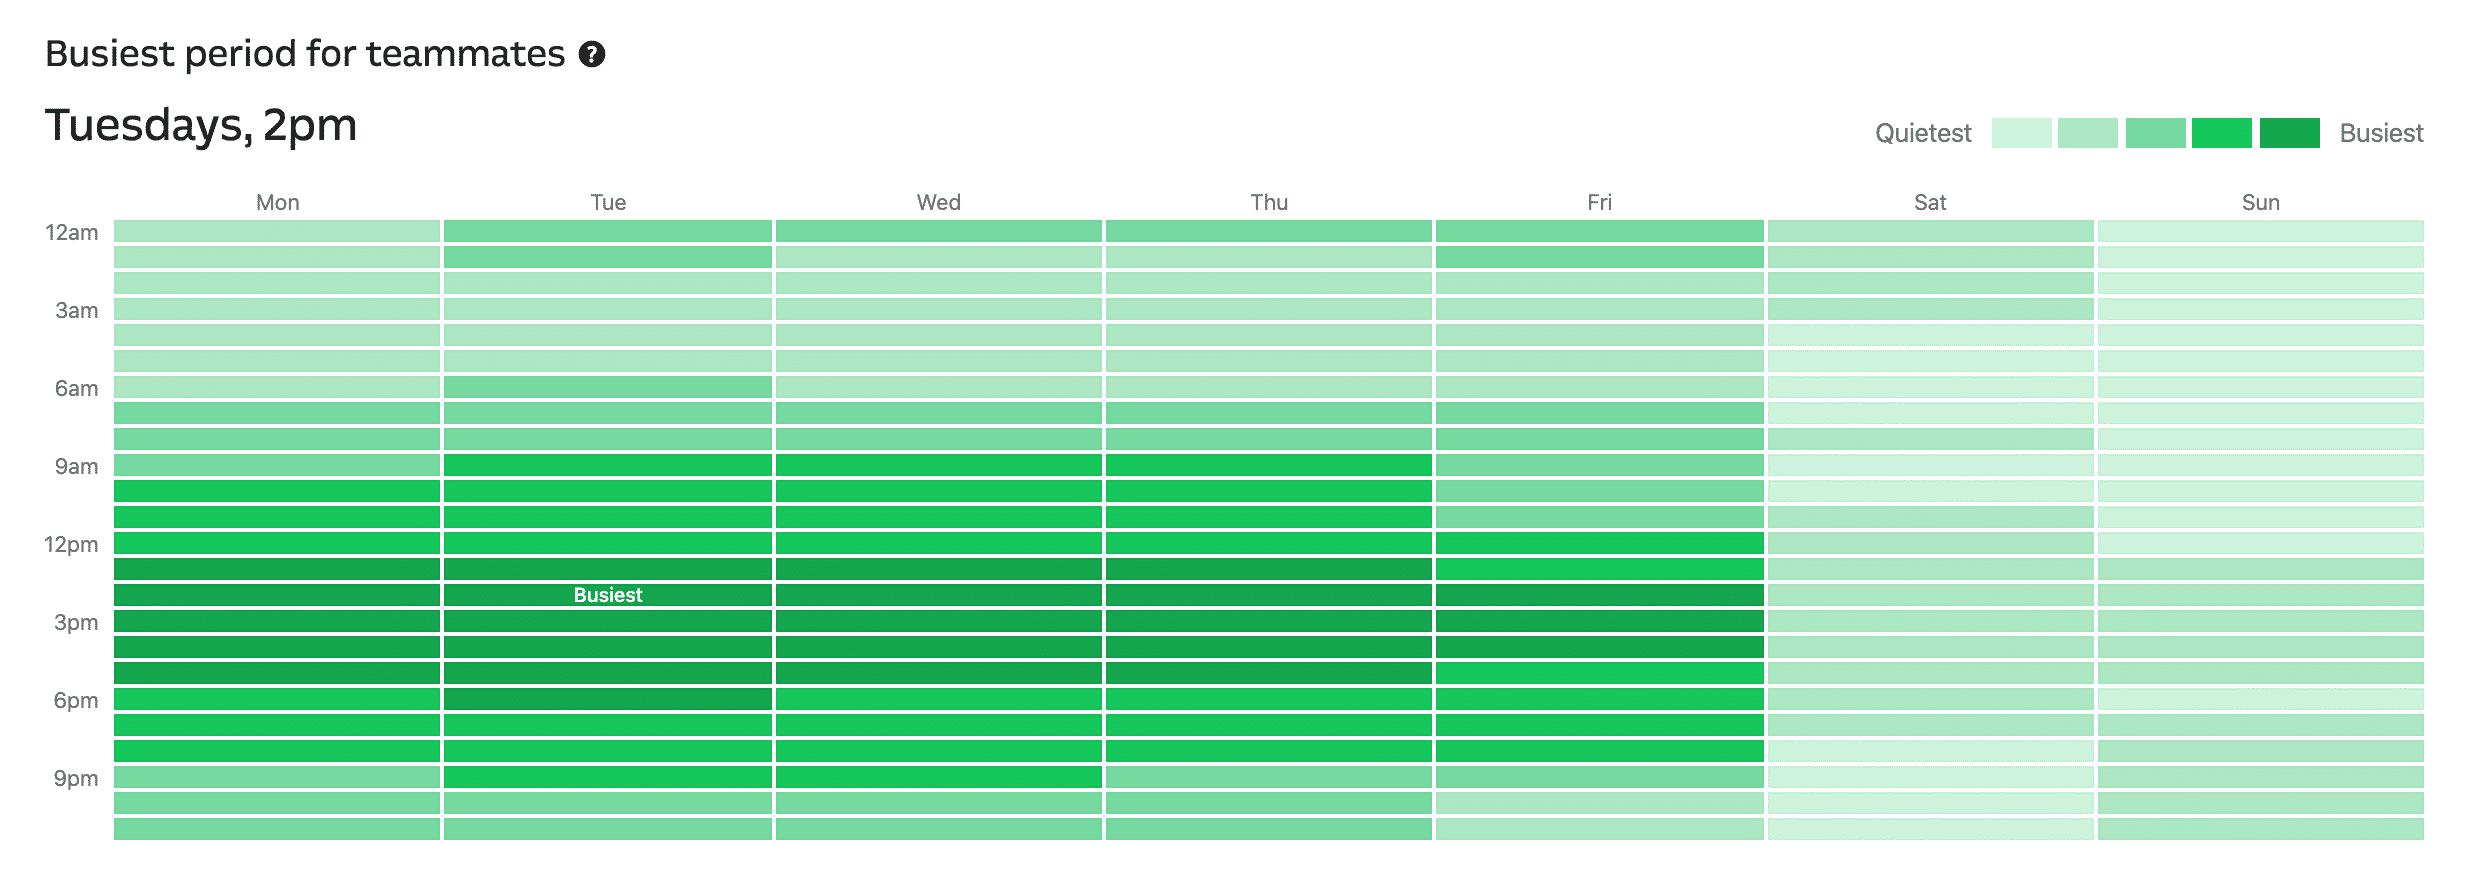 WordPress hosting support drukke dagen en uren